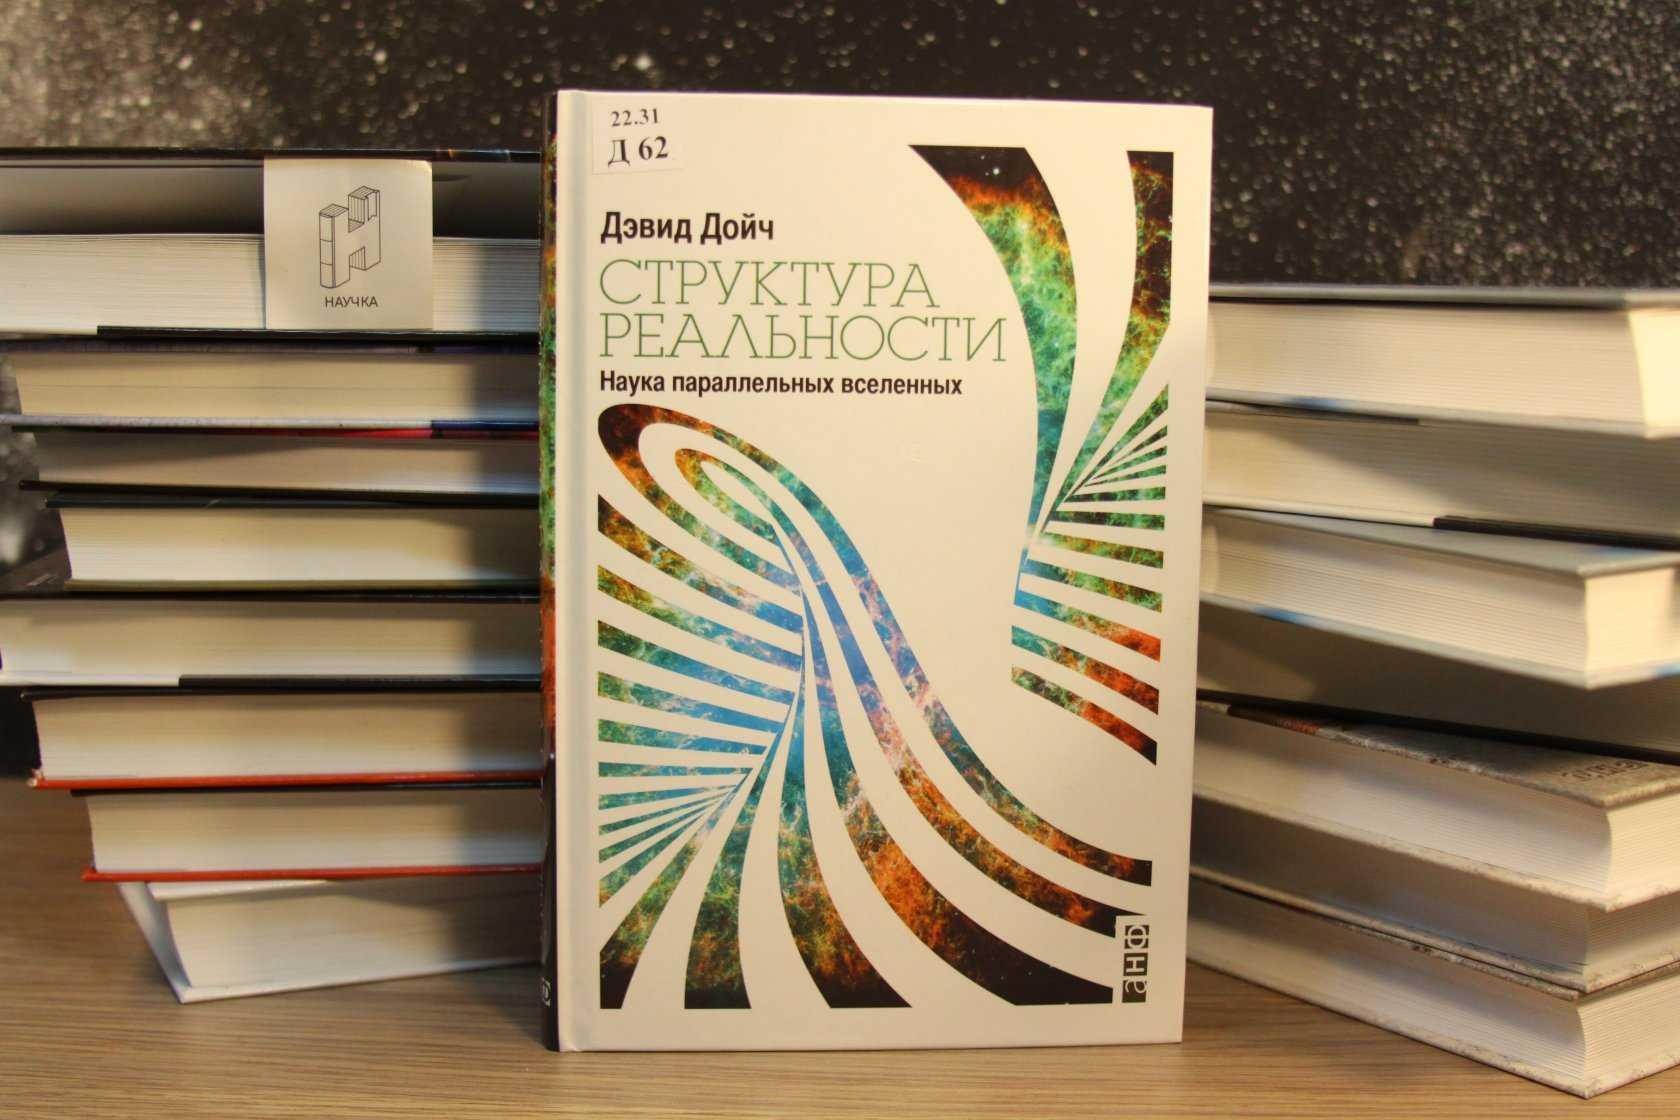 Рейтинг лучших книг, которые должен прочитать каждый